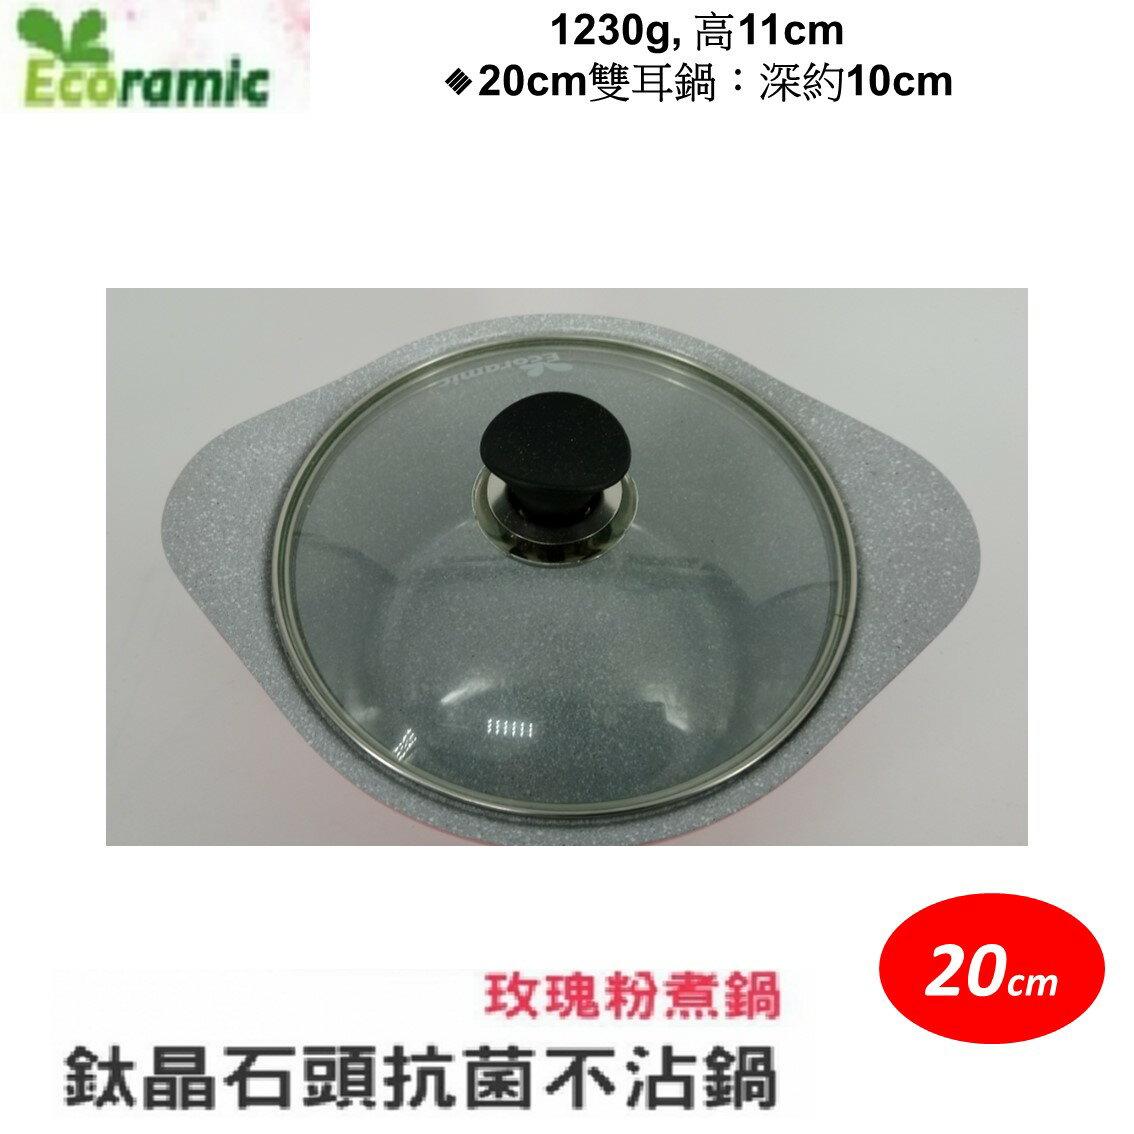 韓國Ecoramic鈦晶石頭抗菌不沾鍋-煮鍋(含蓋)20cm 兩耳煮鍋